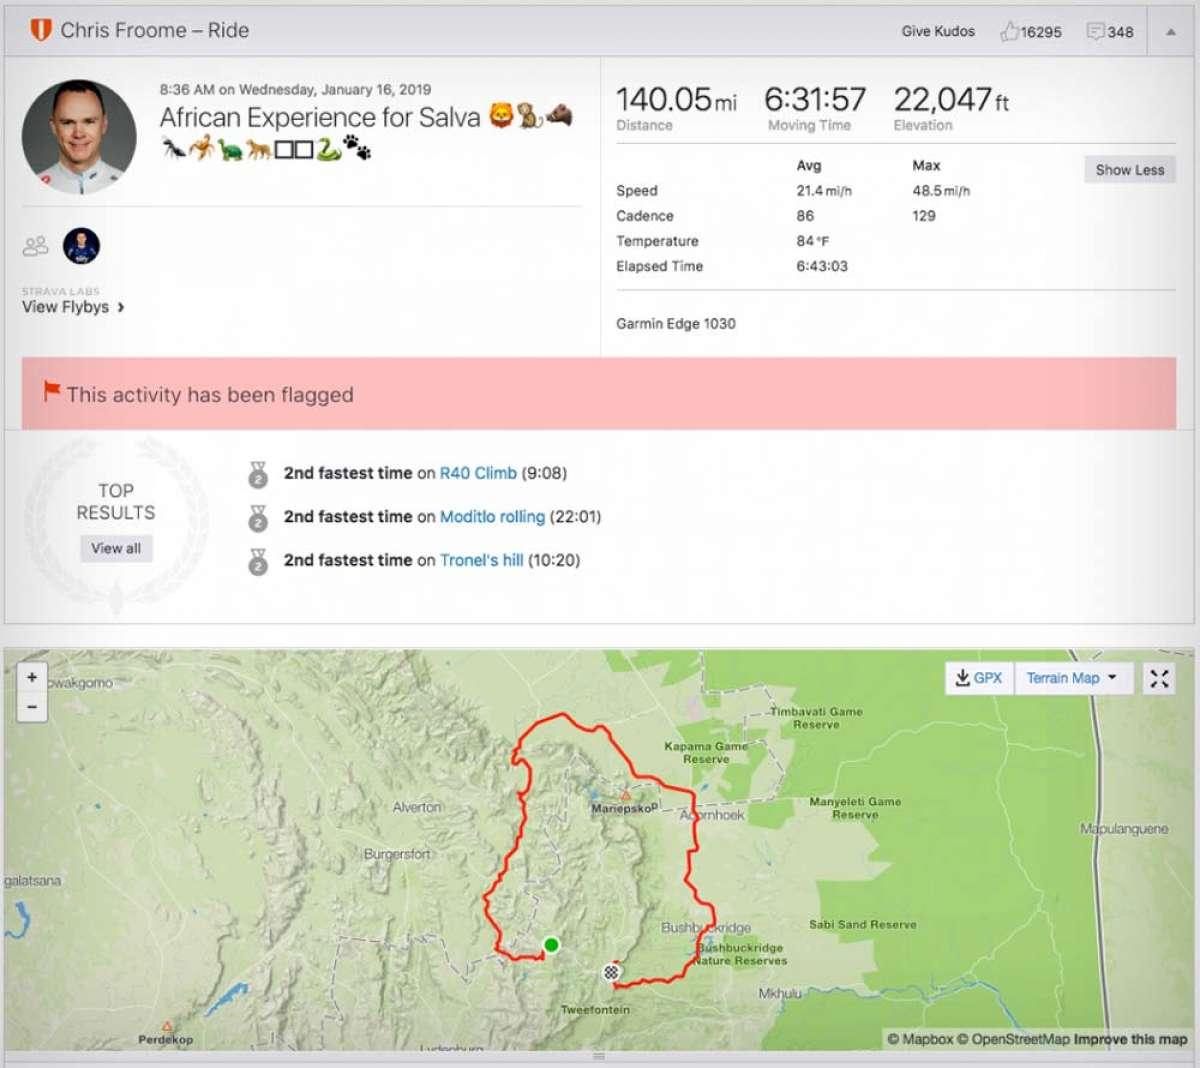 Entrenamiento de Froome: 225 kilómetros con 6.720 metros de ascensión a una media de 34.5 km/h